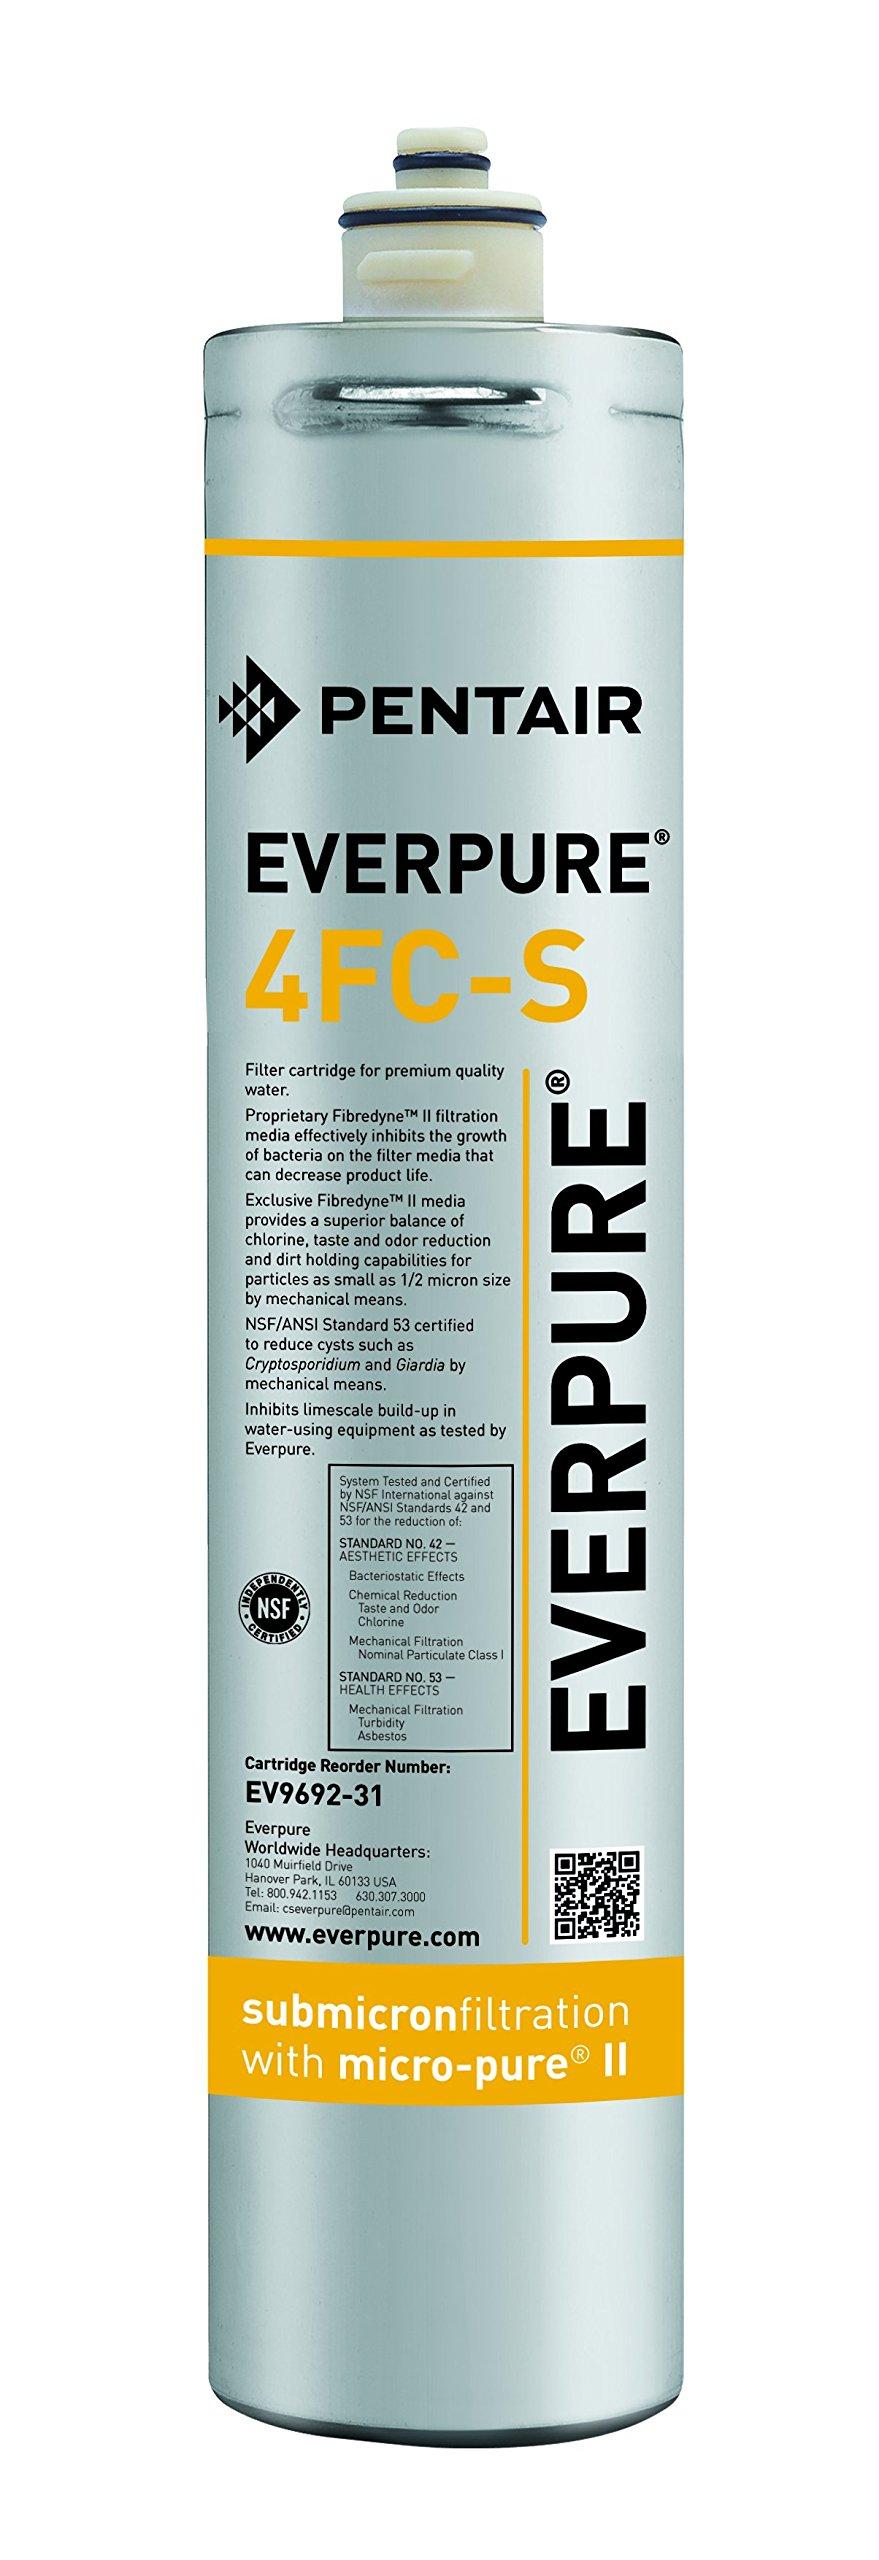 Everpure EV9692-31   4FC-S Filter Cartridge